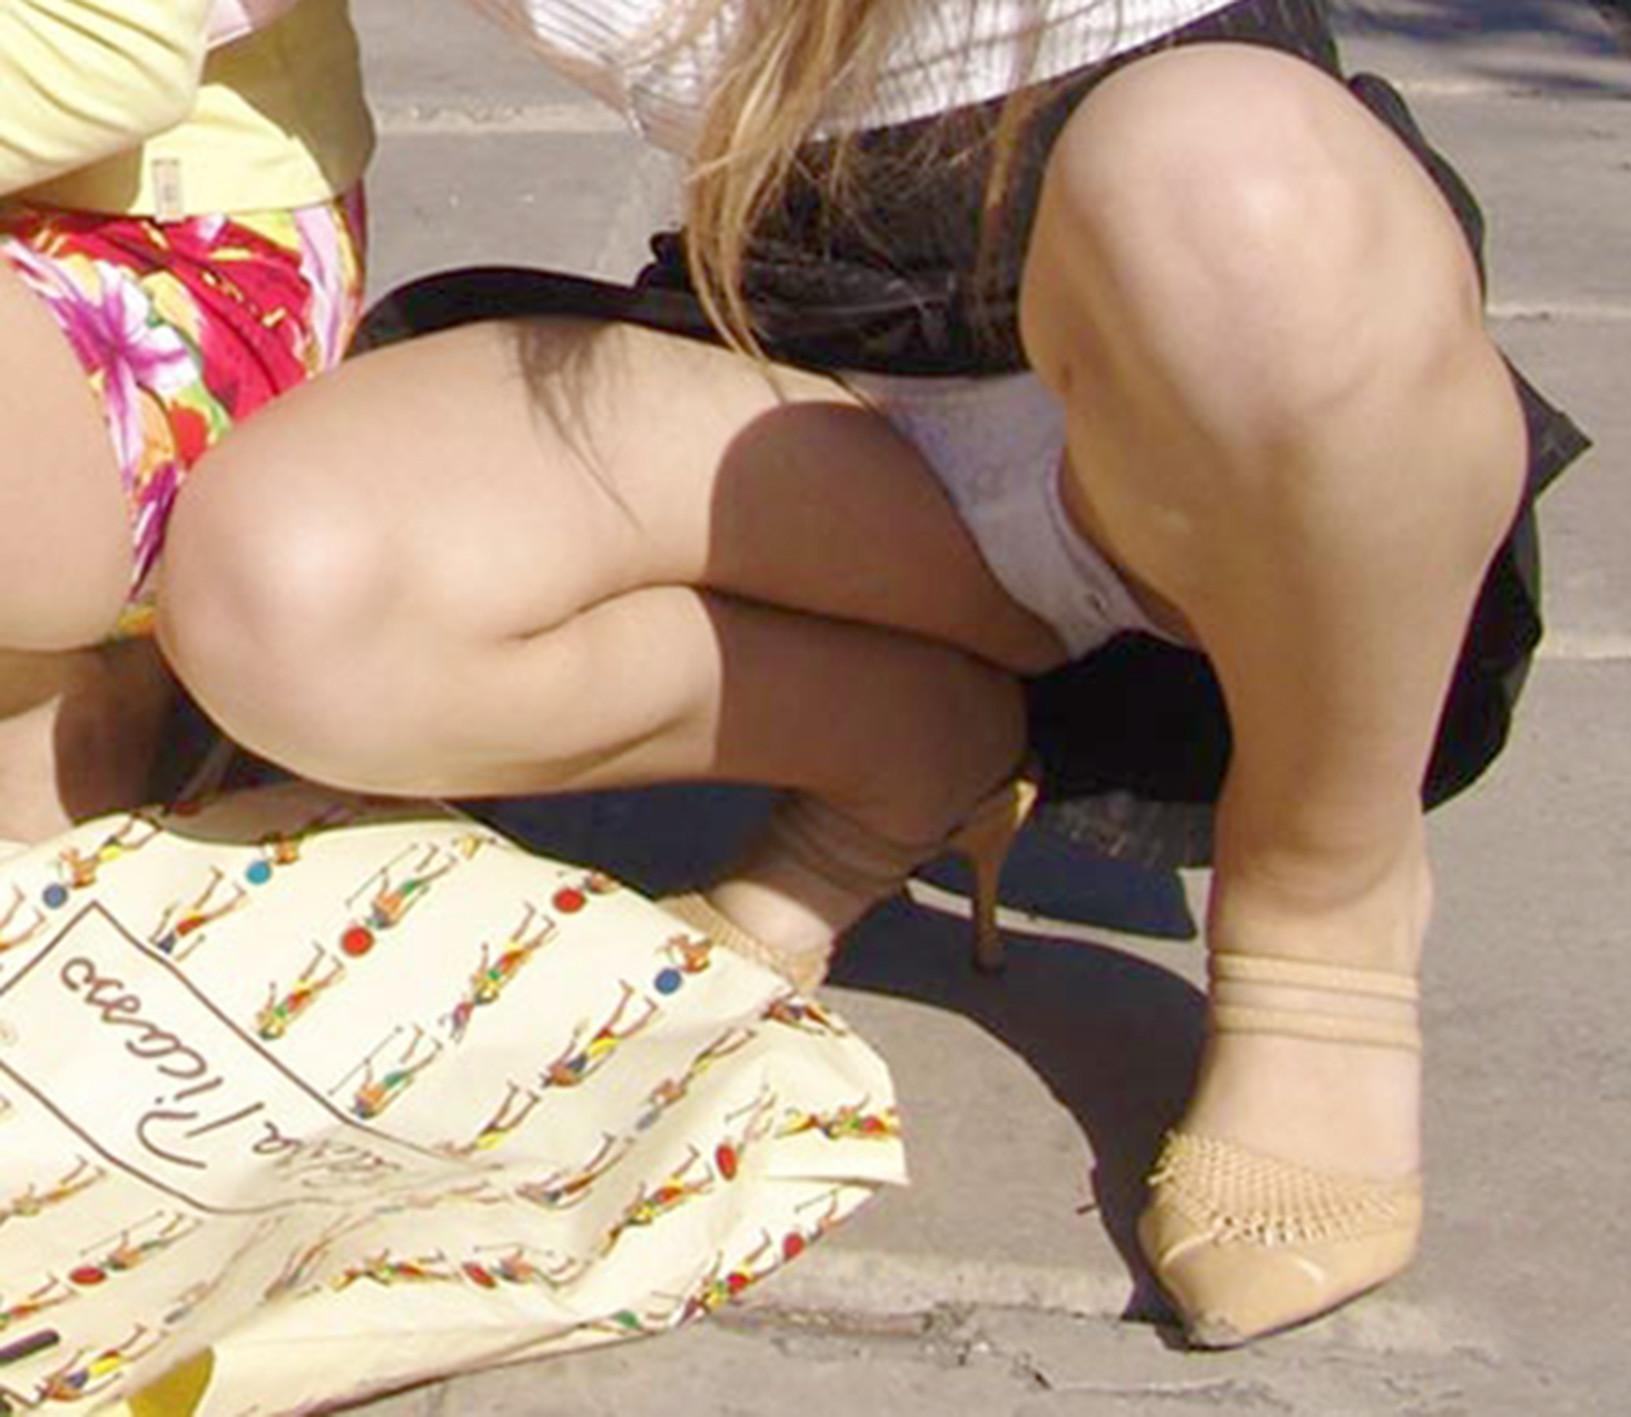 【パンチラエロ画像】丸見えなのは絶対に言わないw街角座りパンチラ素人たち!